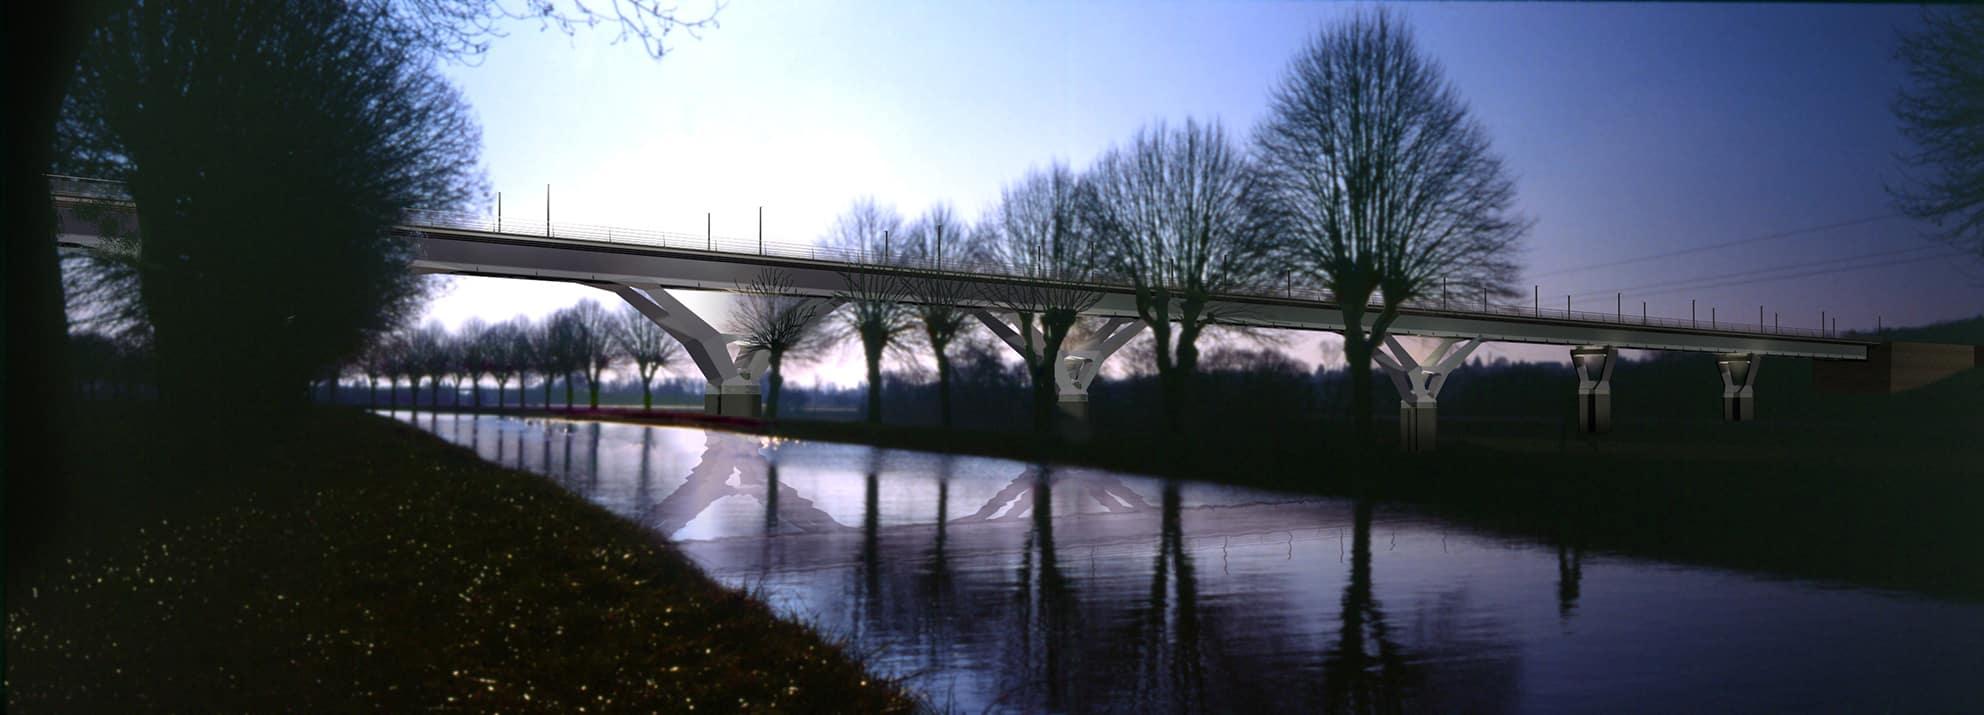 B+M Architecture - Savoureuse-un viaduc inscrit dans sa vallée